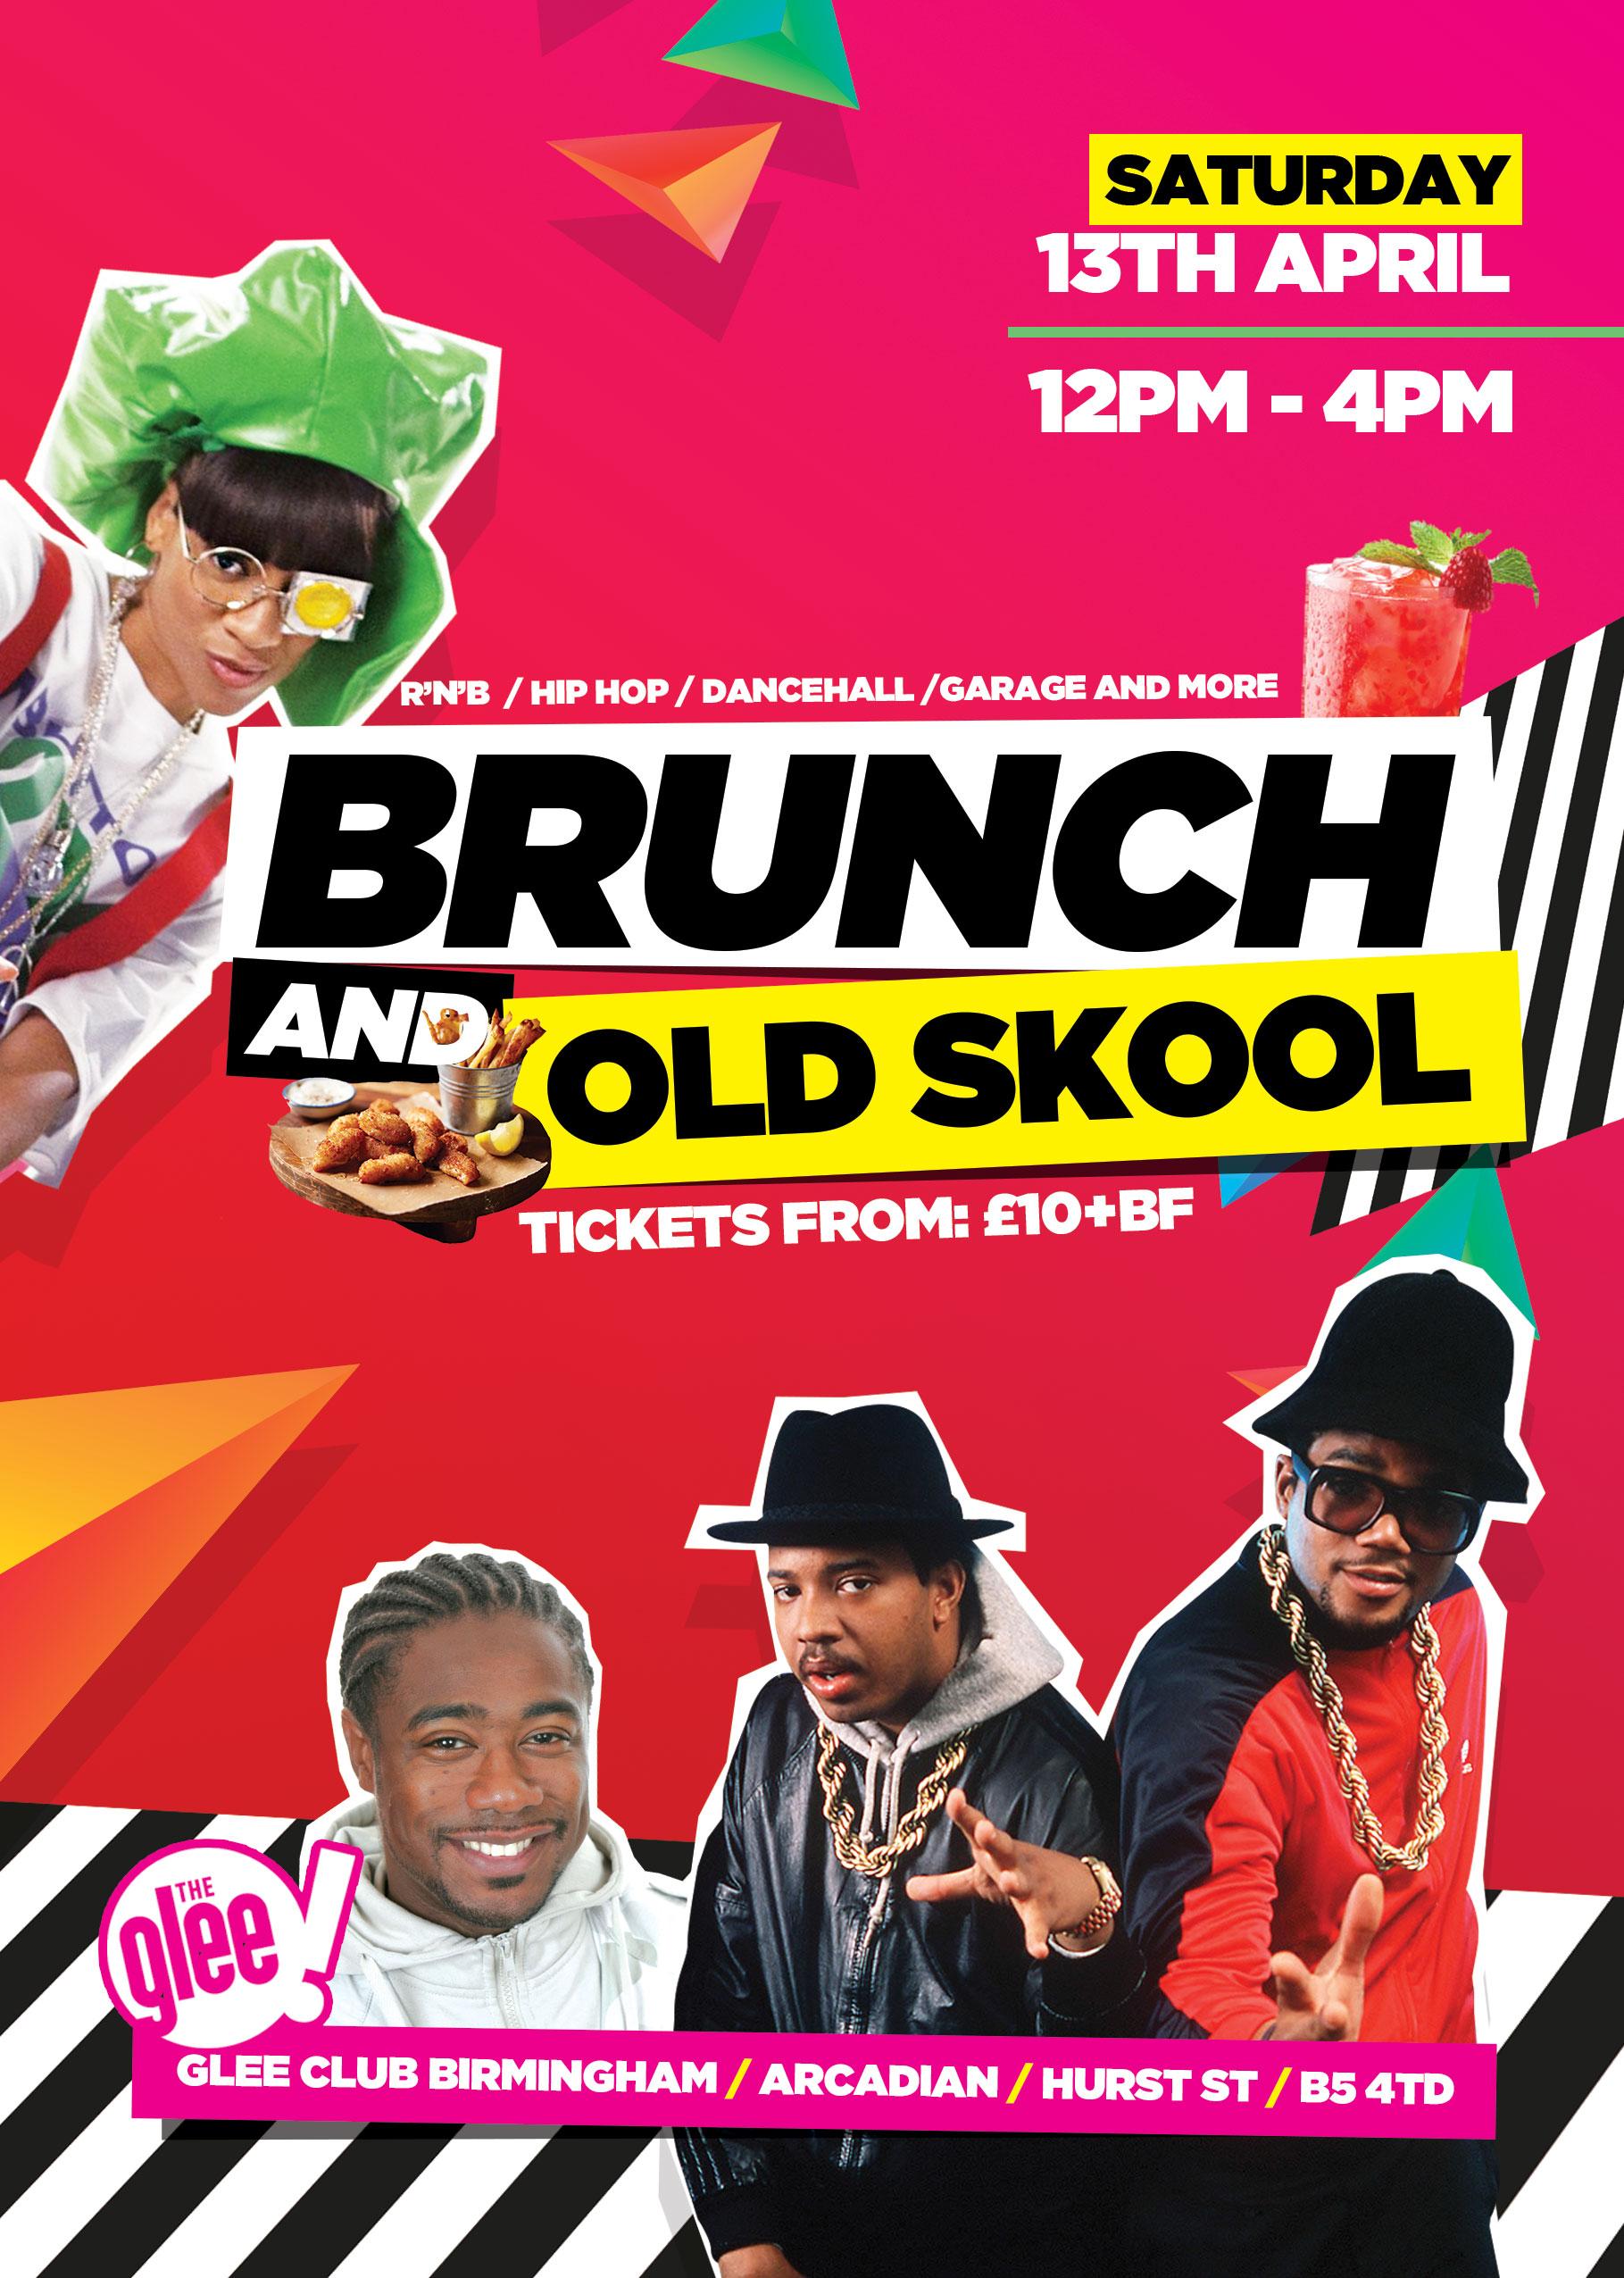 Brunch and Old Skool